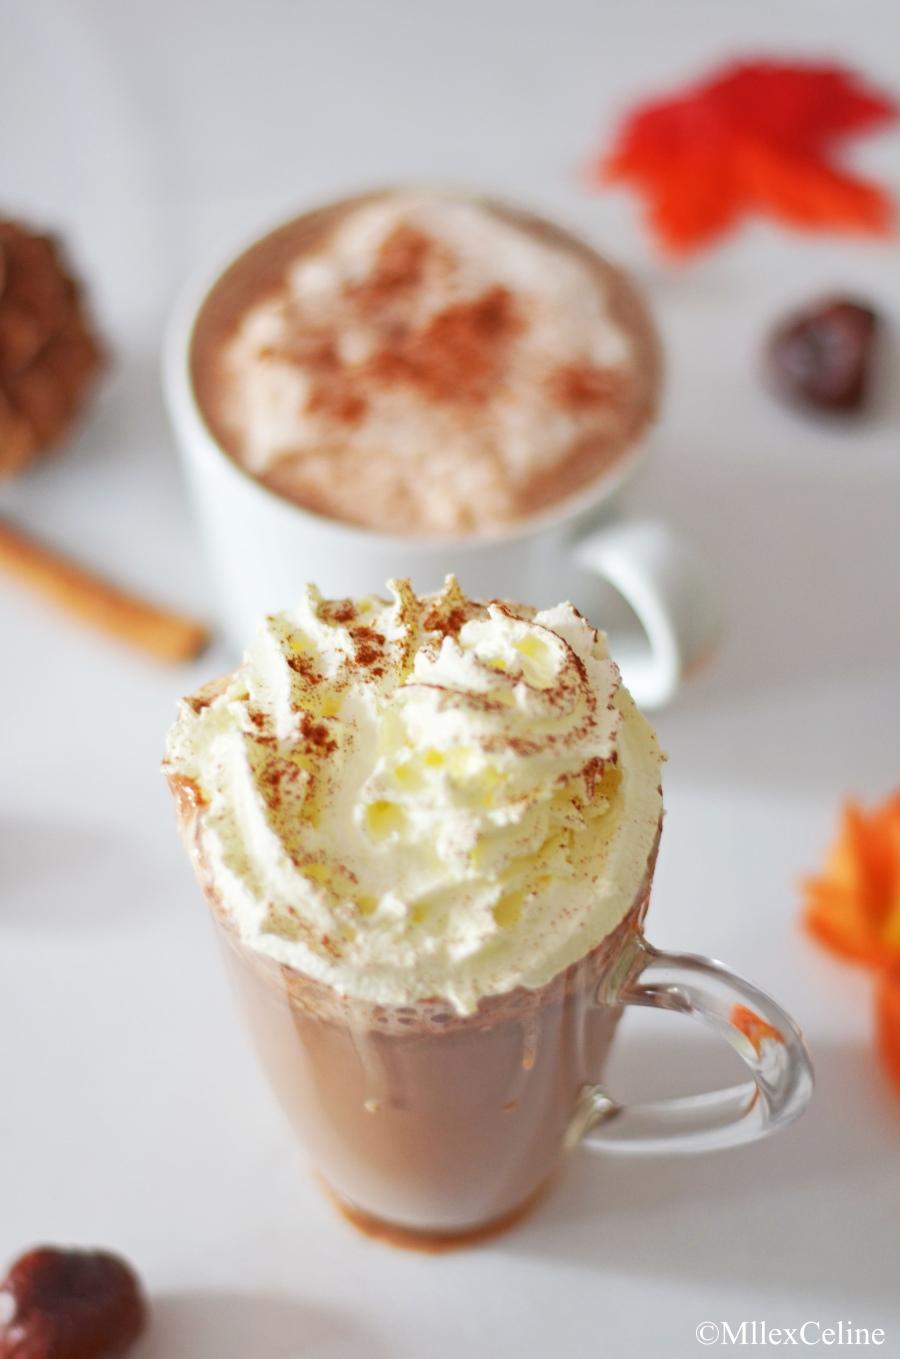 boissons chaudes cannelle cappuccino chocolat chaud blog mode beaute lifestyle lyon